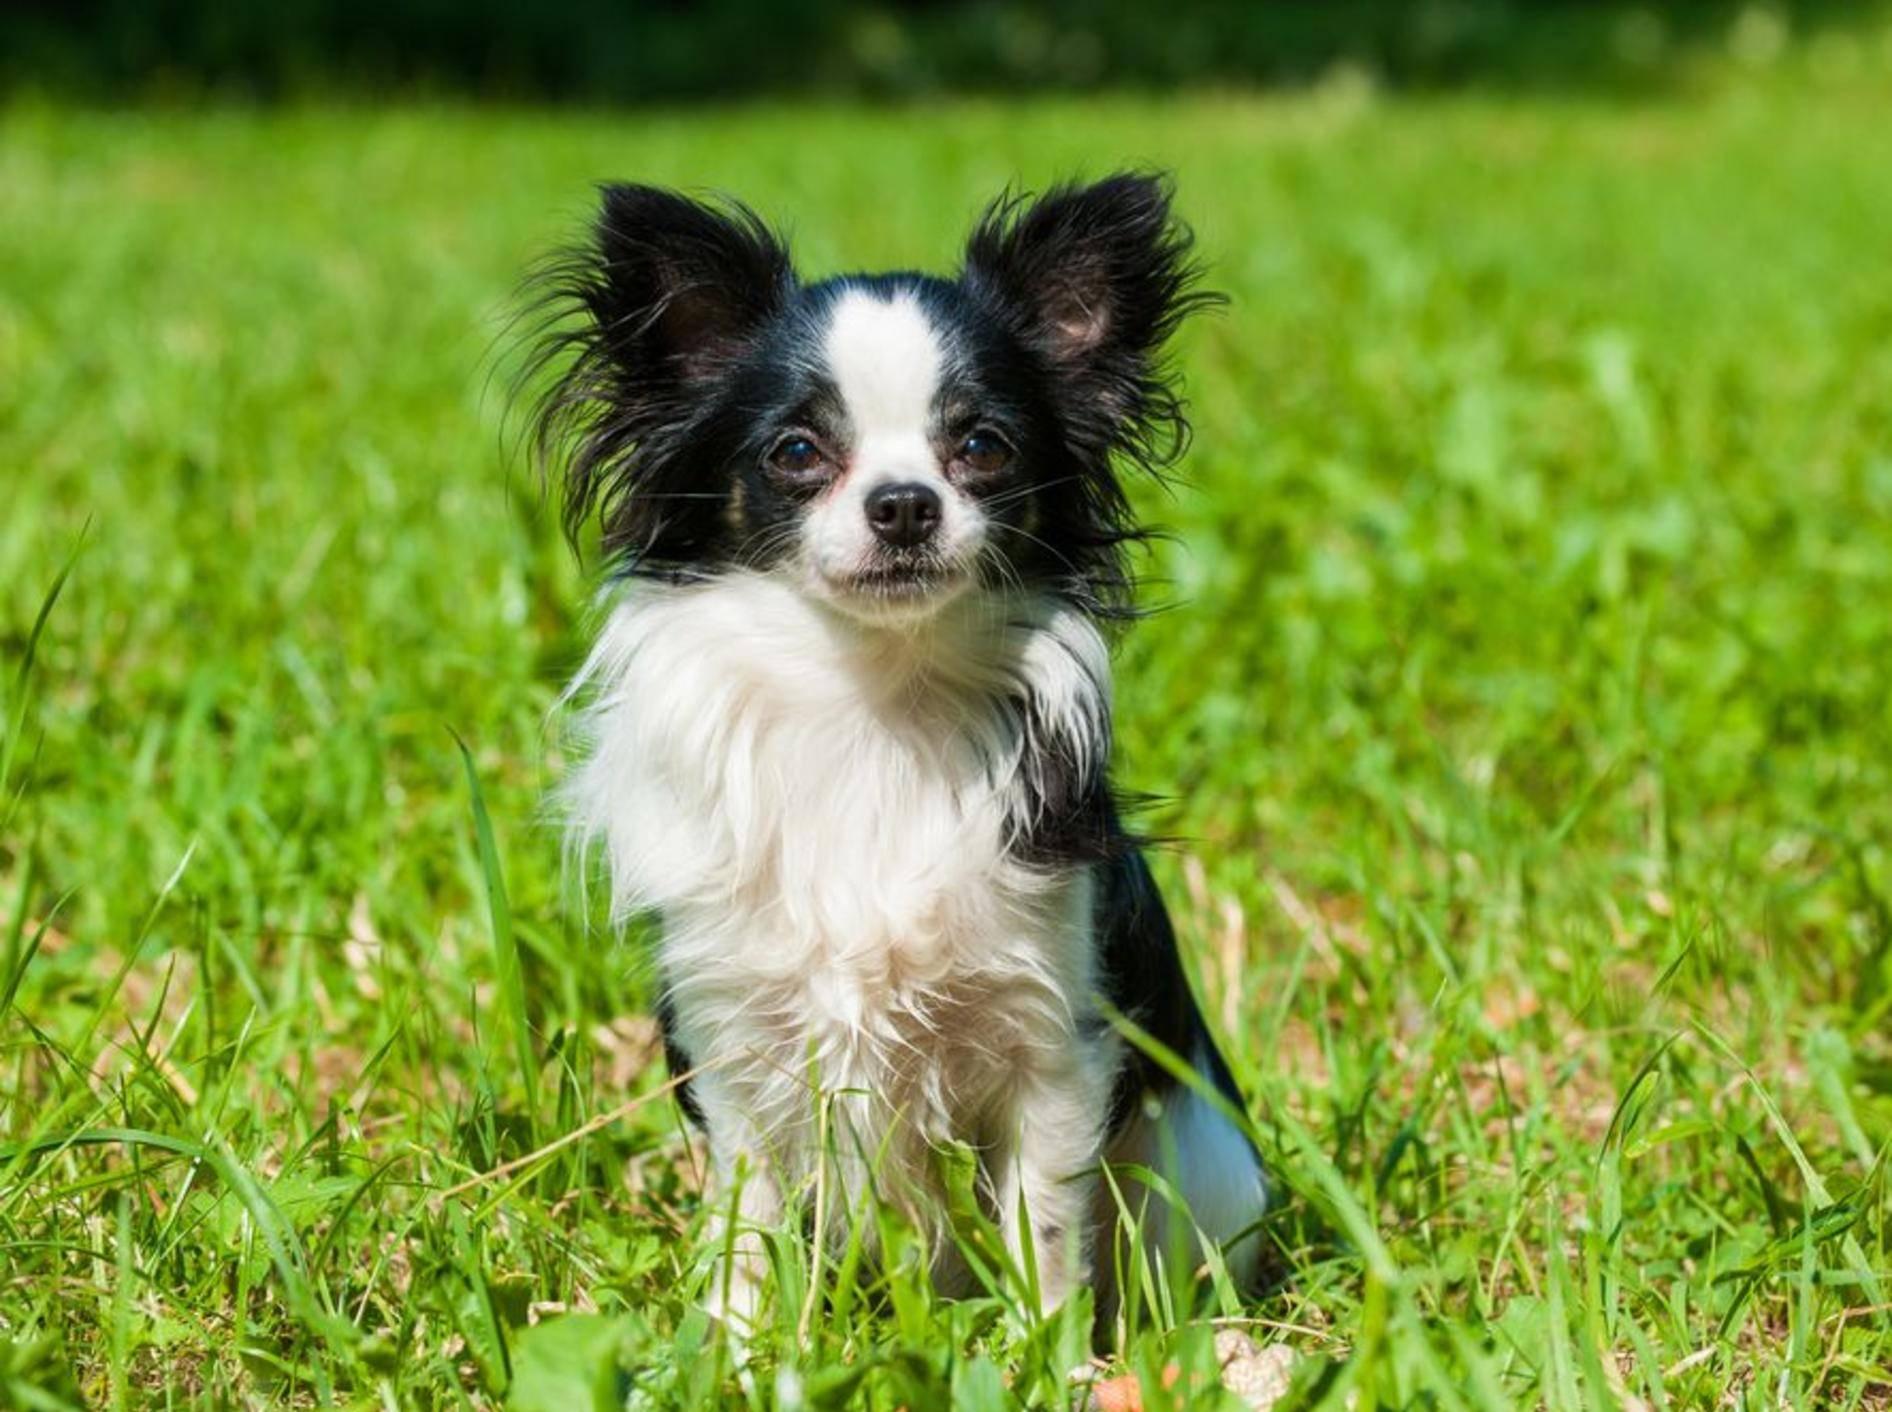 Ein Chihuahua ist kein Trendaccessoire für die Handtasche, sondern eine echte Hundepersönlichkeit. Vor dem Kauf sollten Sie daher einiges beachten. – Bild: Shutterstock / Dora Zett